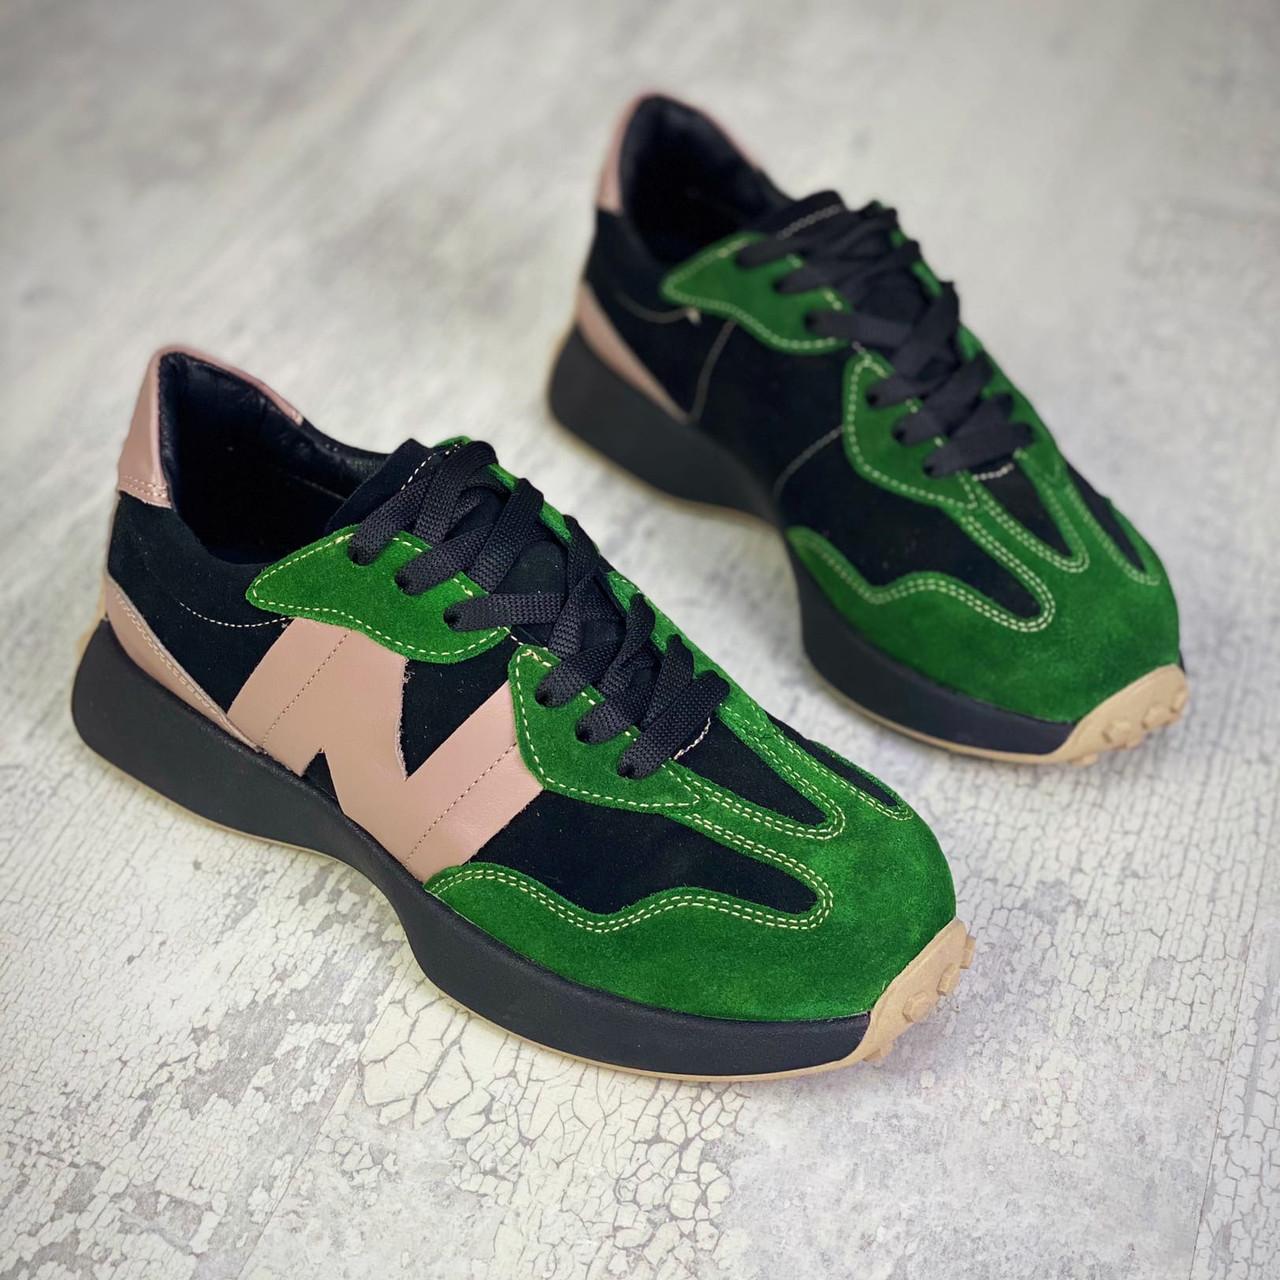 Жіночі кросівки з натурального замша і шкіри 36-40 р зелений+чорний